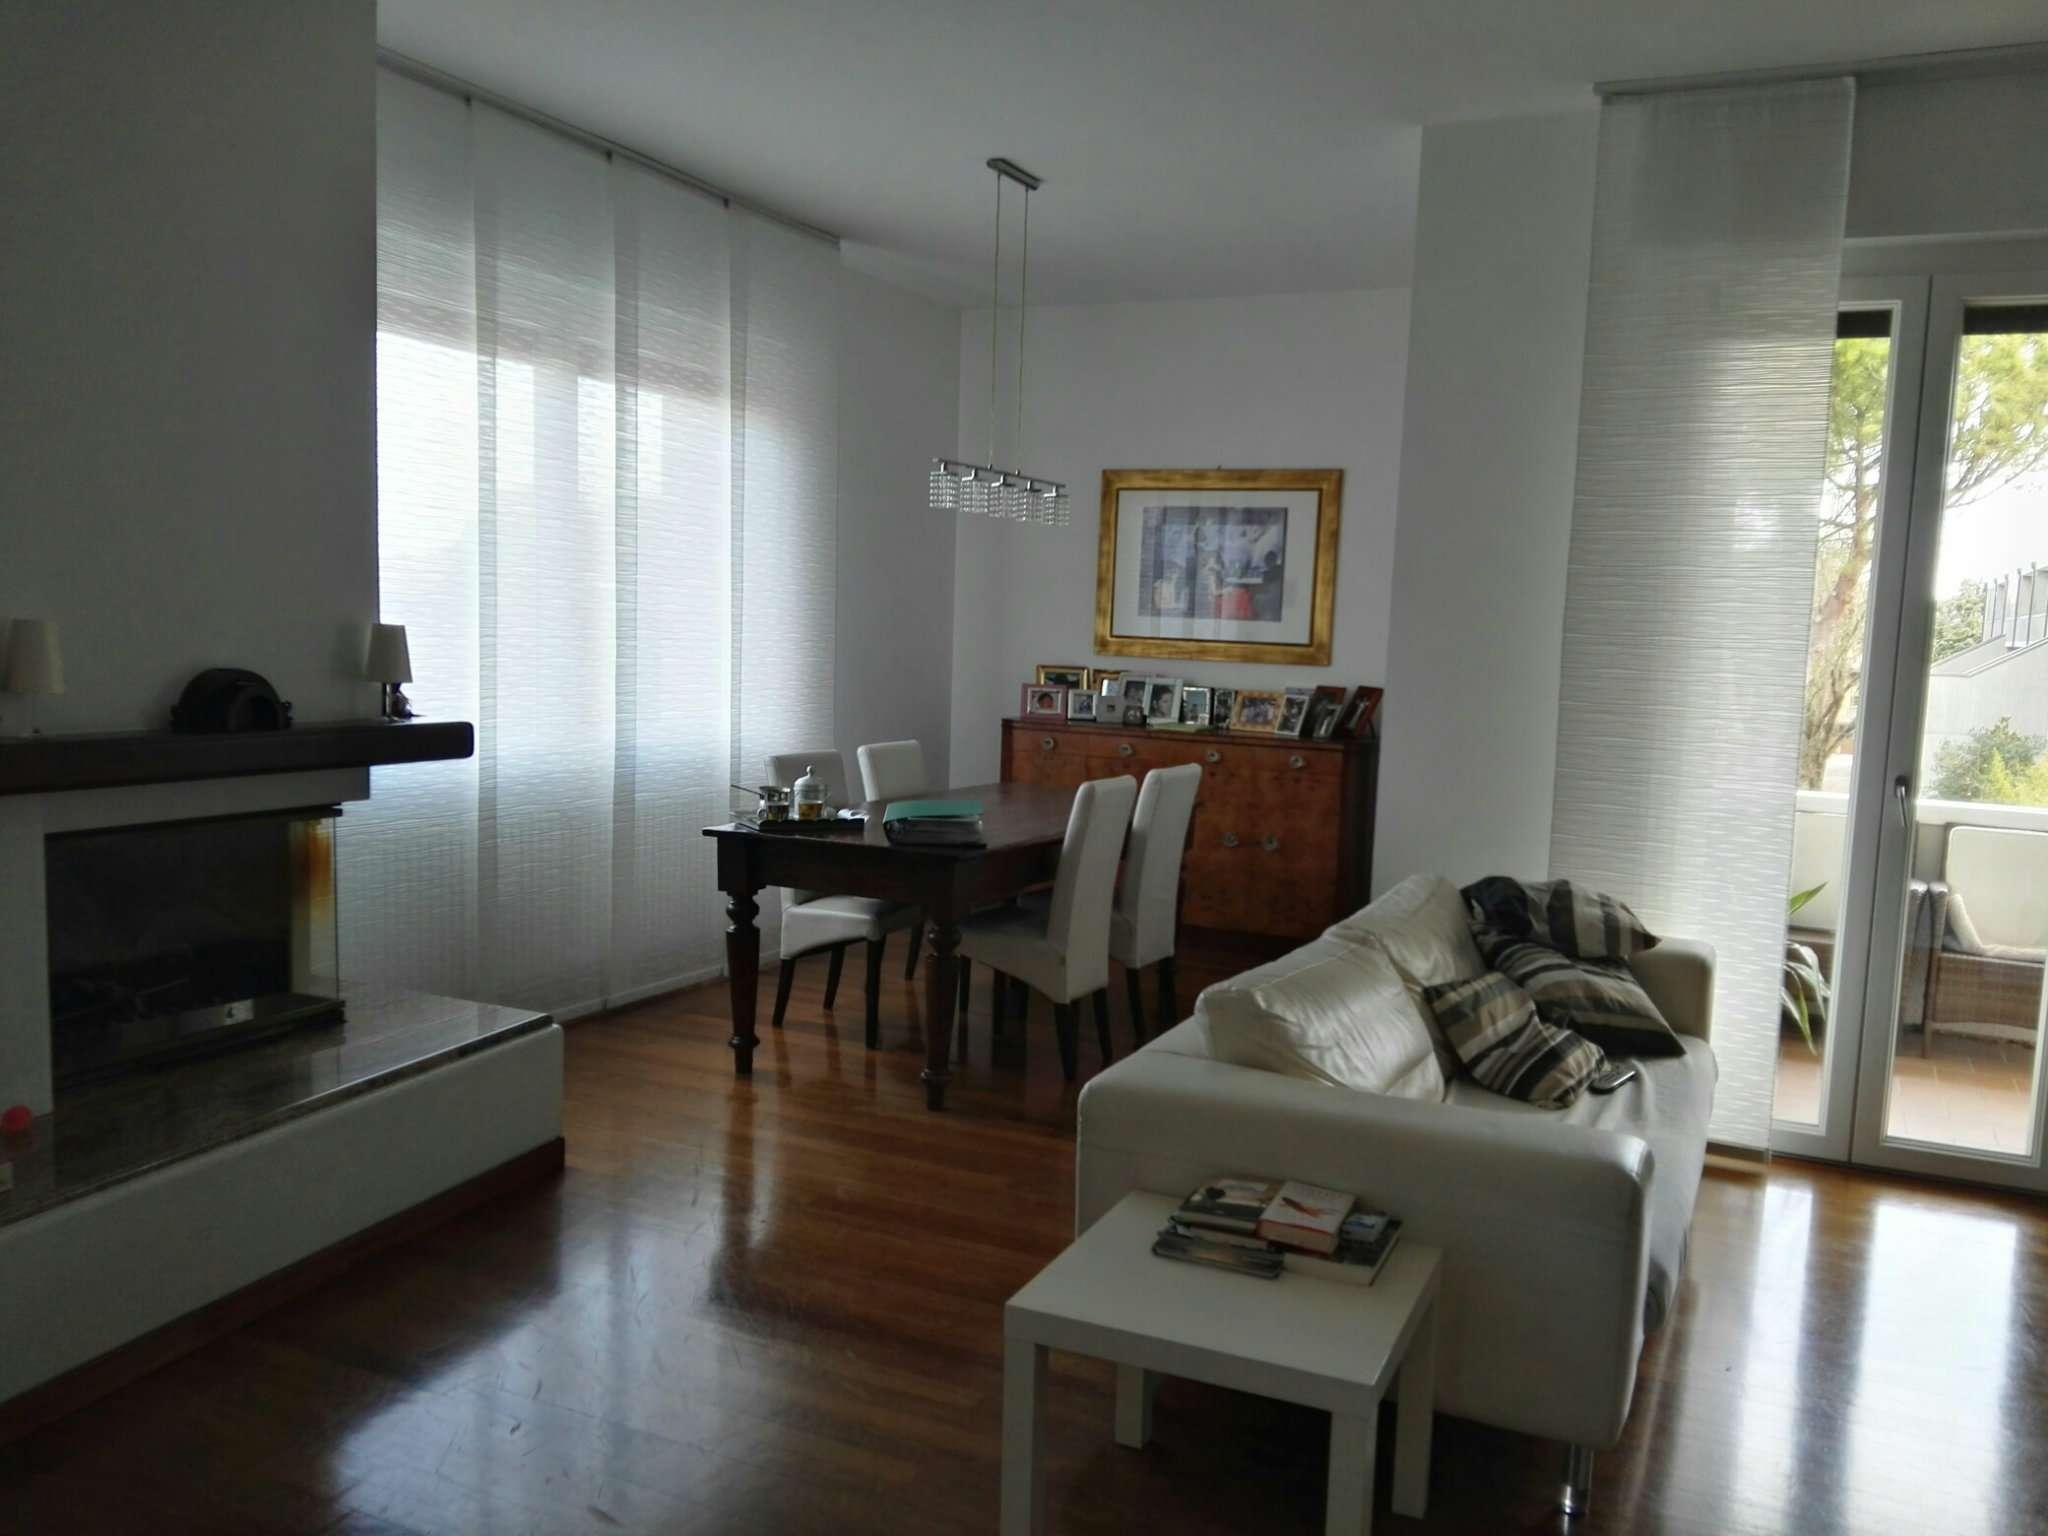 Soluzione Semindipendente in vendita a Cesena, 6 locali, prezzo € 465.000 | Cambio Casa.it